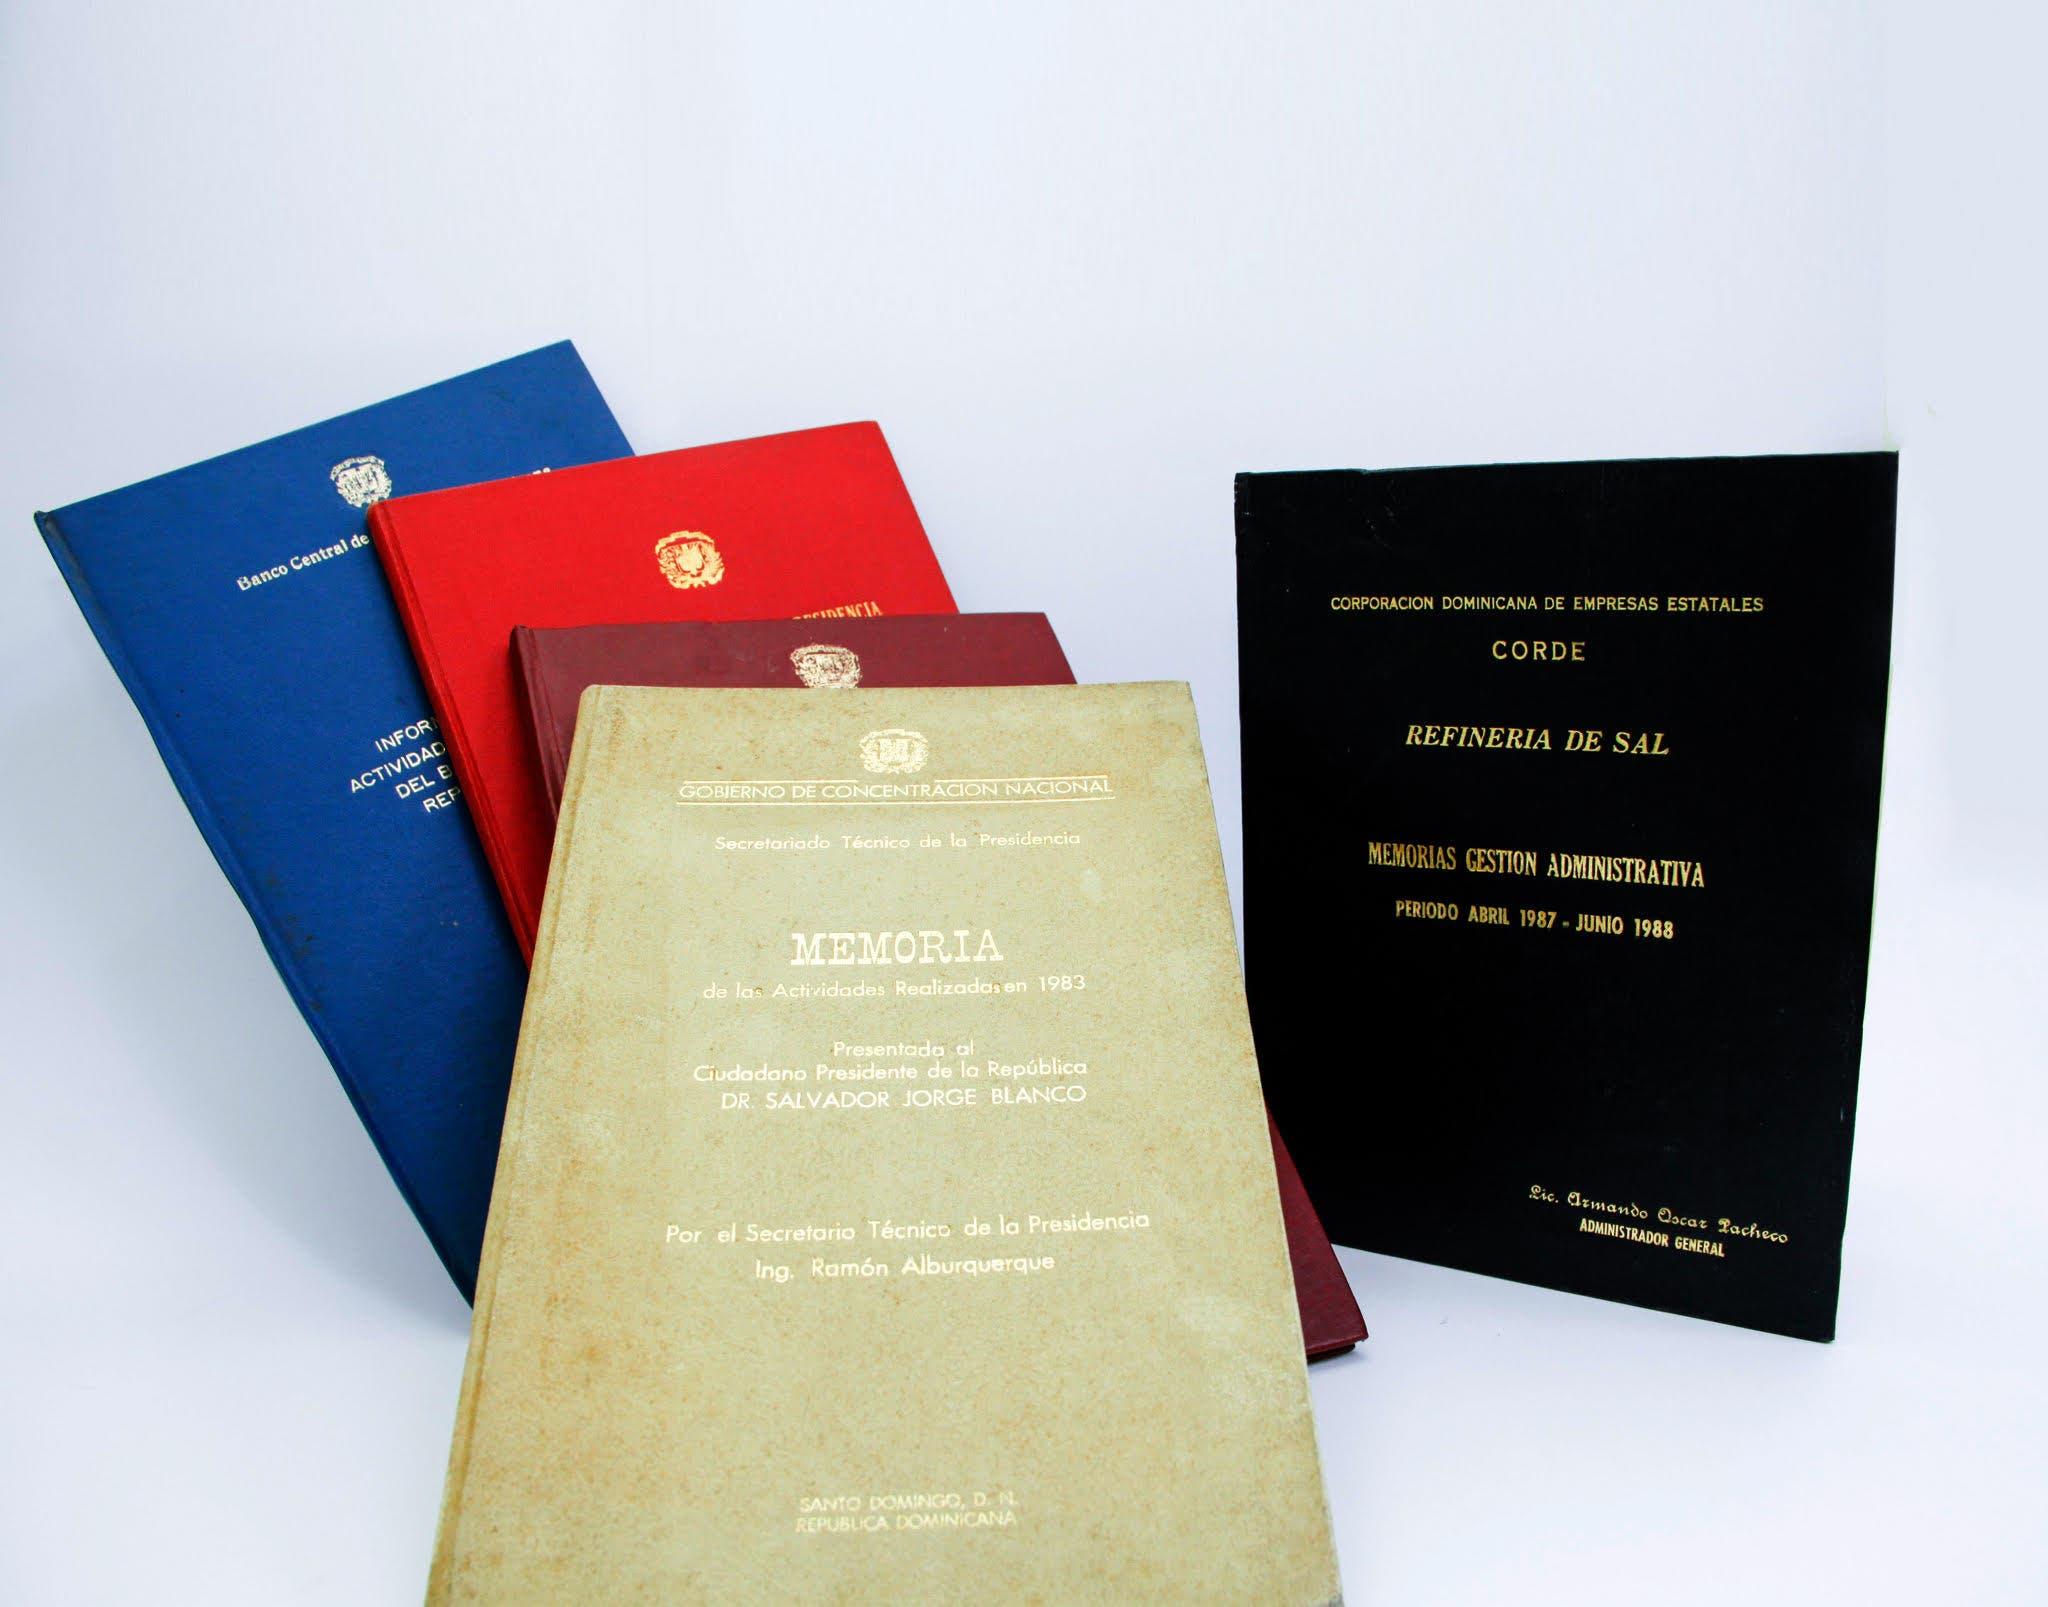 Archivo General de la Nación presentó el Repositorio digital de memorias institucionales